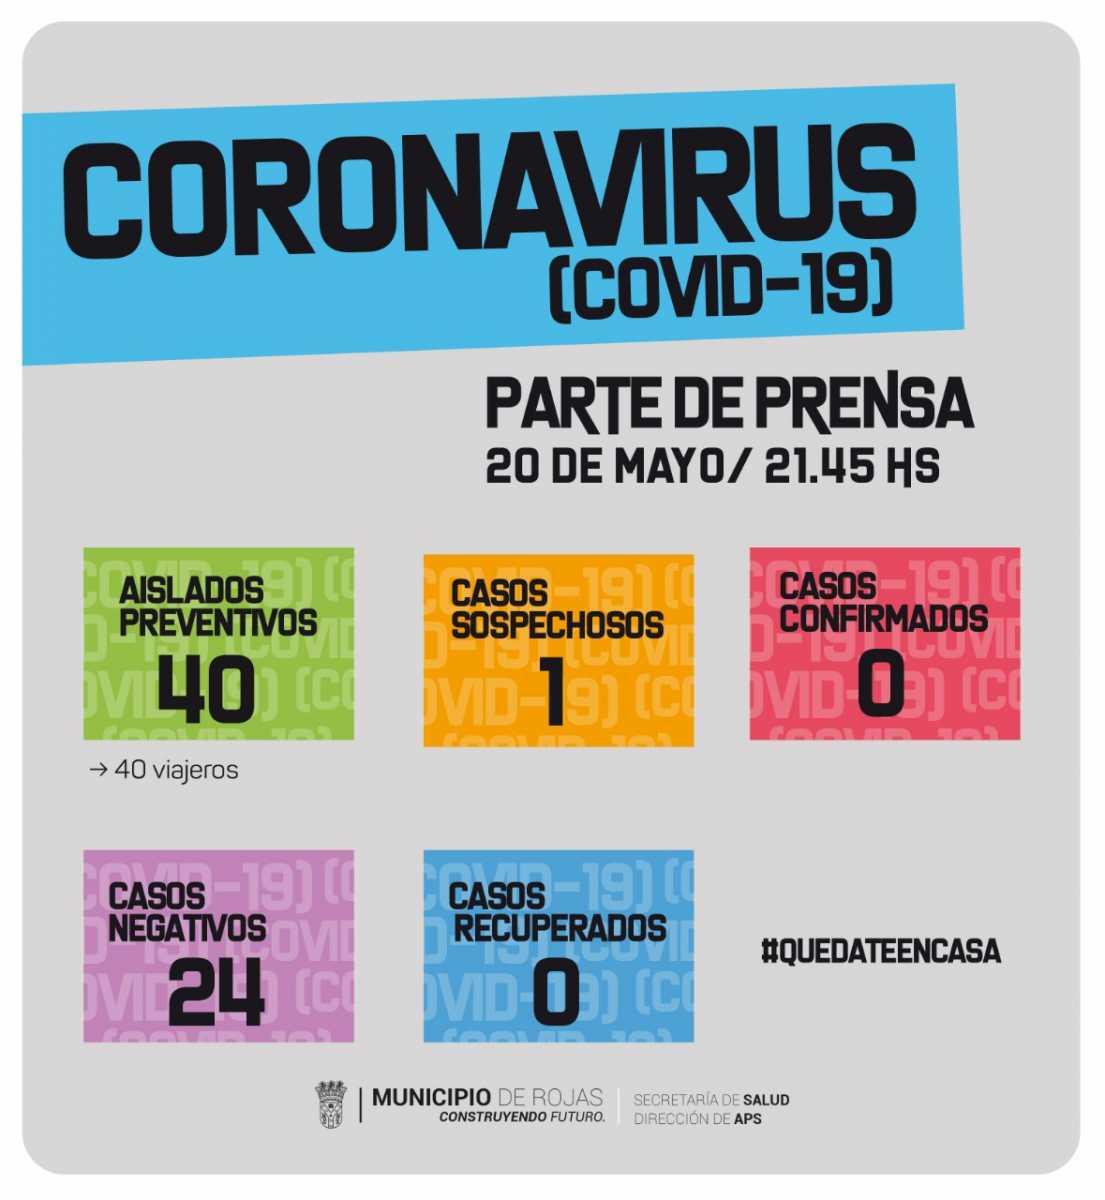 Covid-19: caso sospechoso por contacto estrecho con trabajador de Villa Salavina